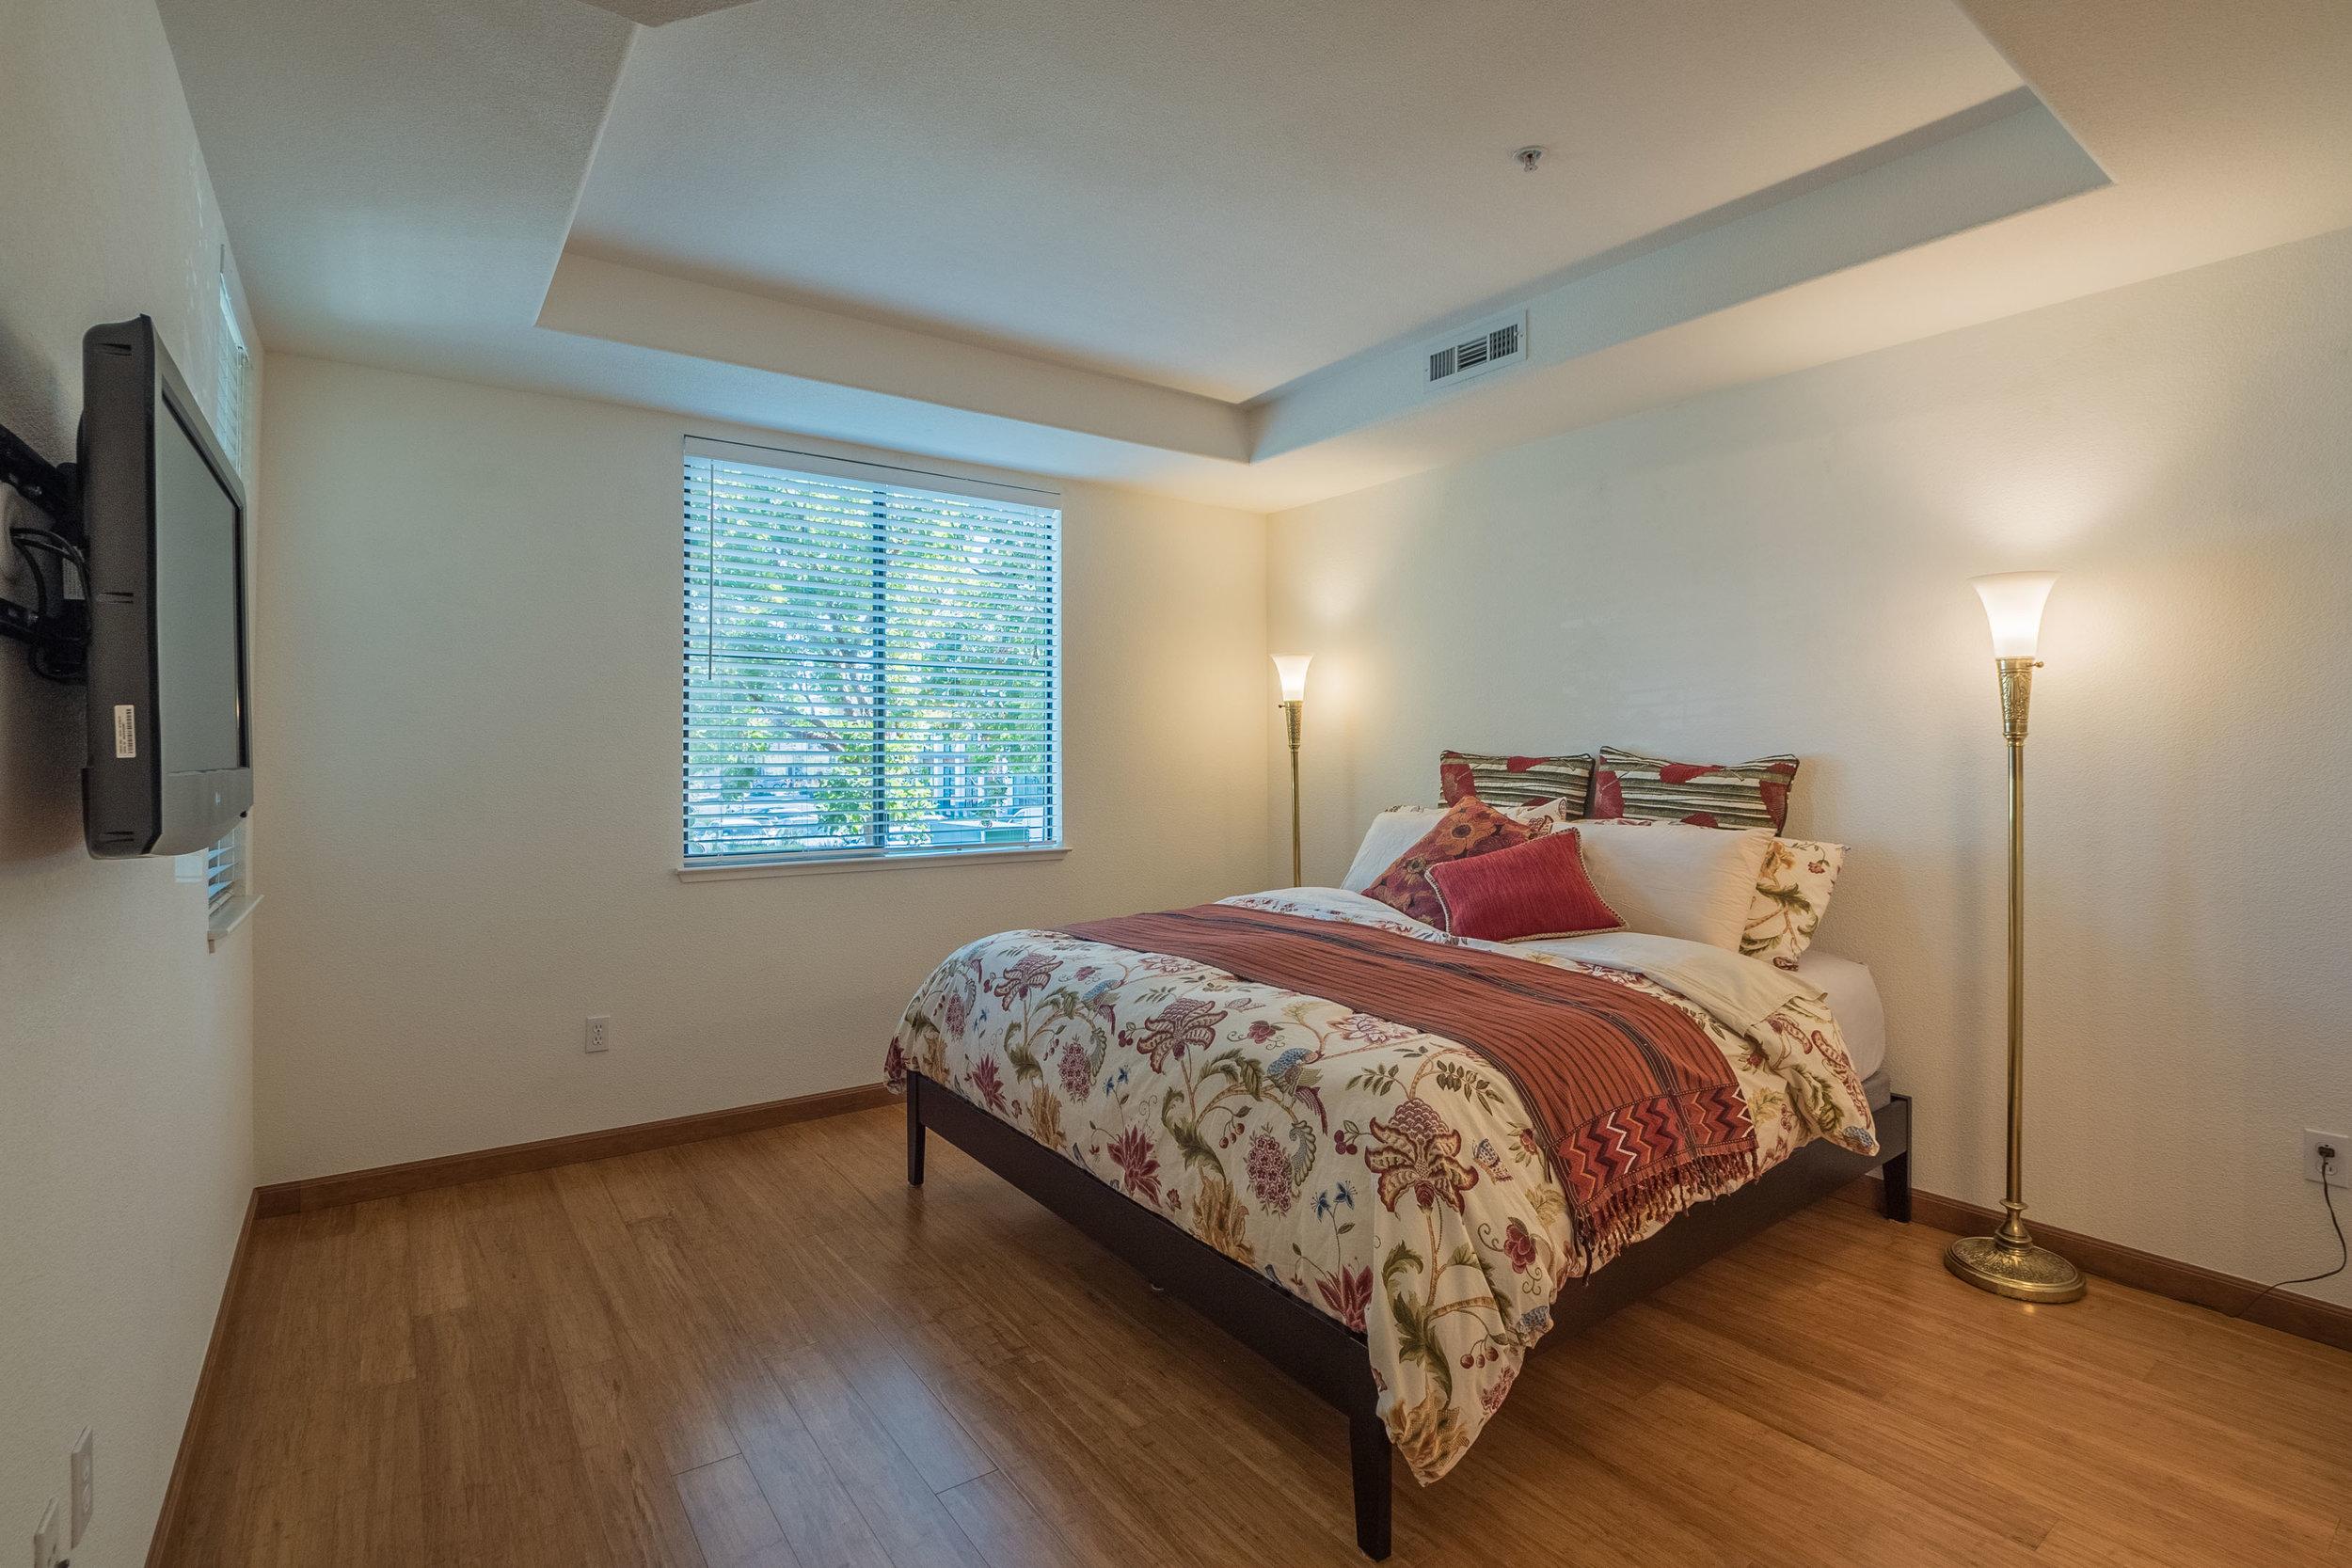 2 Bedroom Condo Close to Apple Cupertino